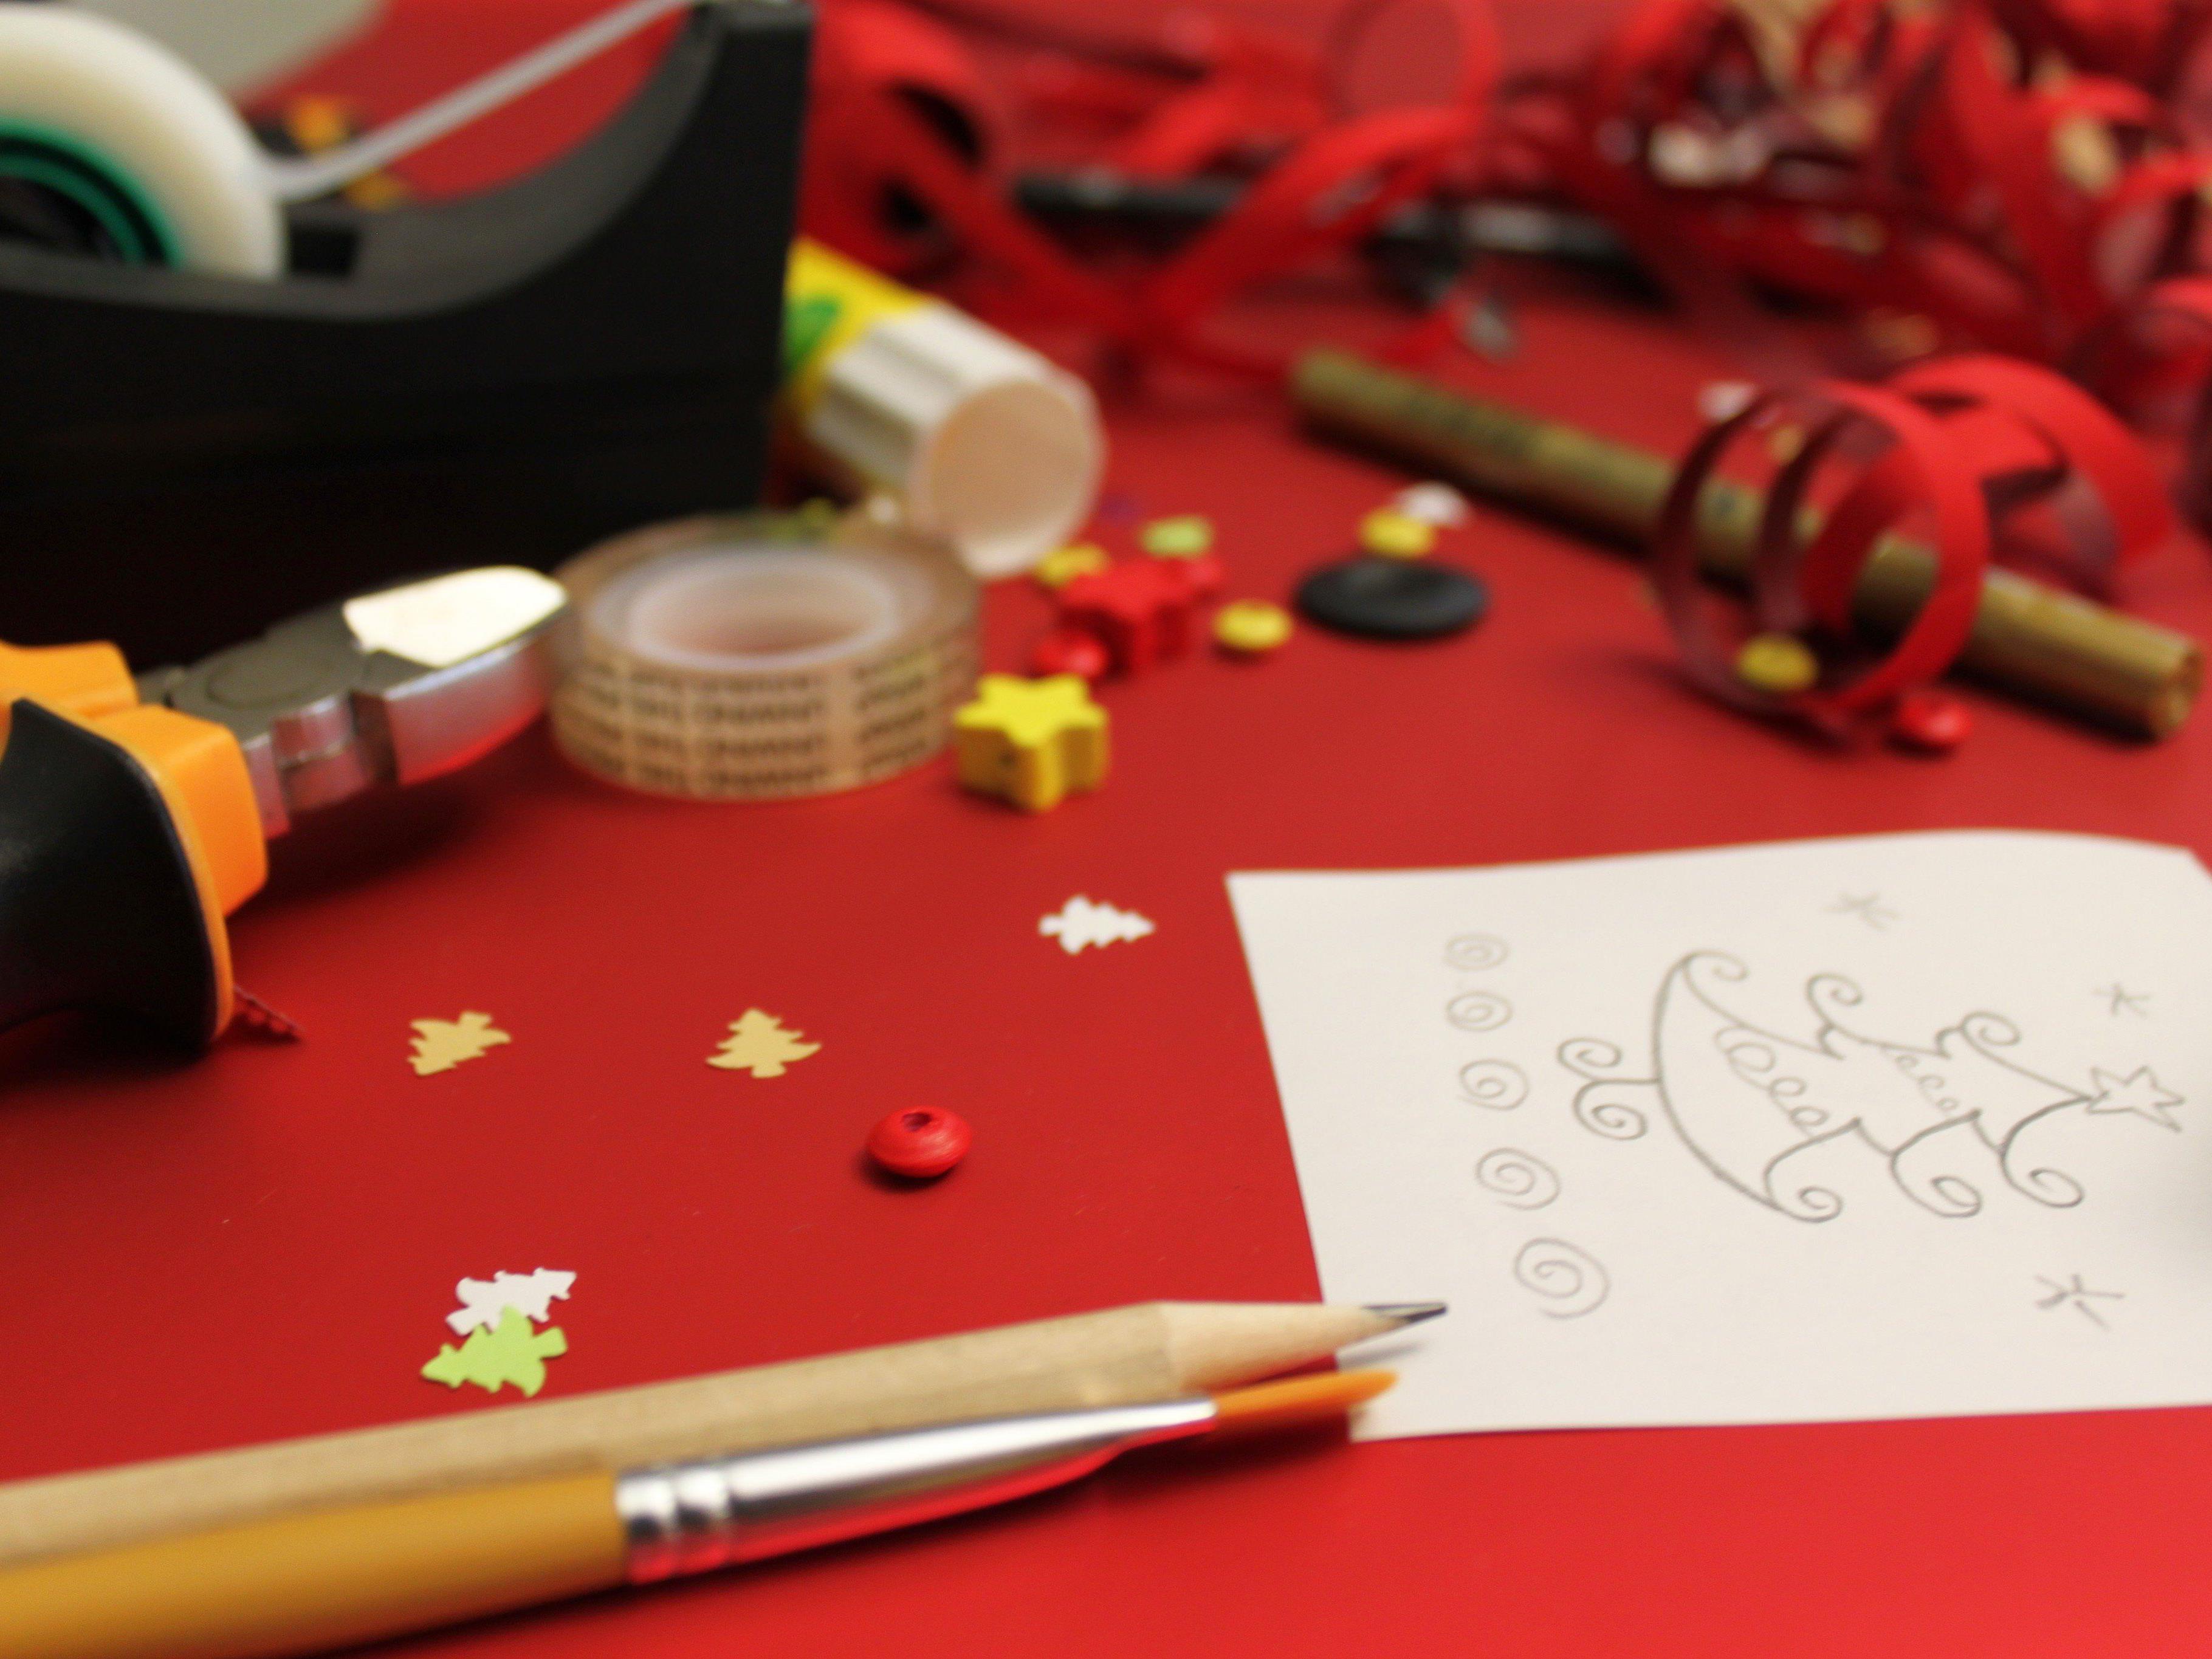 Basteln, backen, bauen – kreative Ideen für den Online-Adventkalender gesucht!